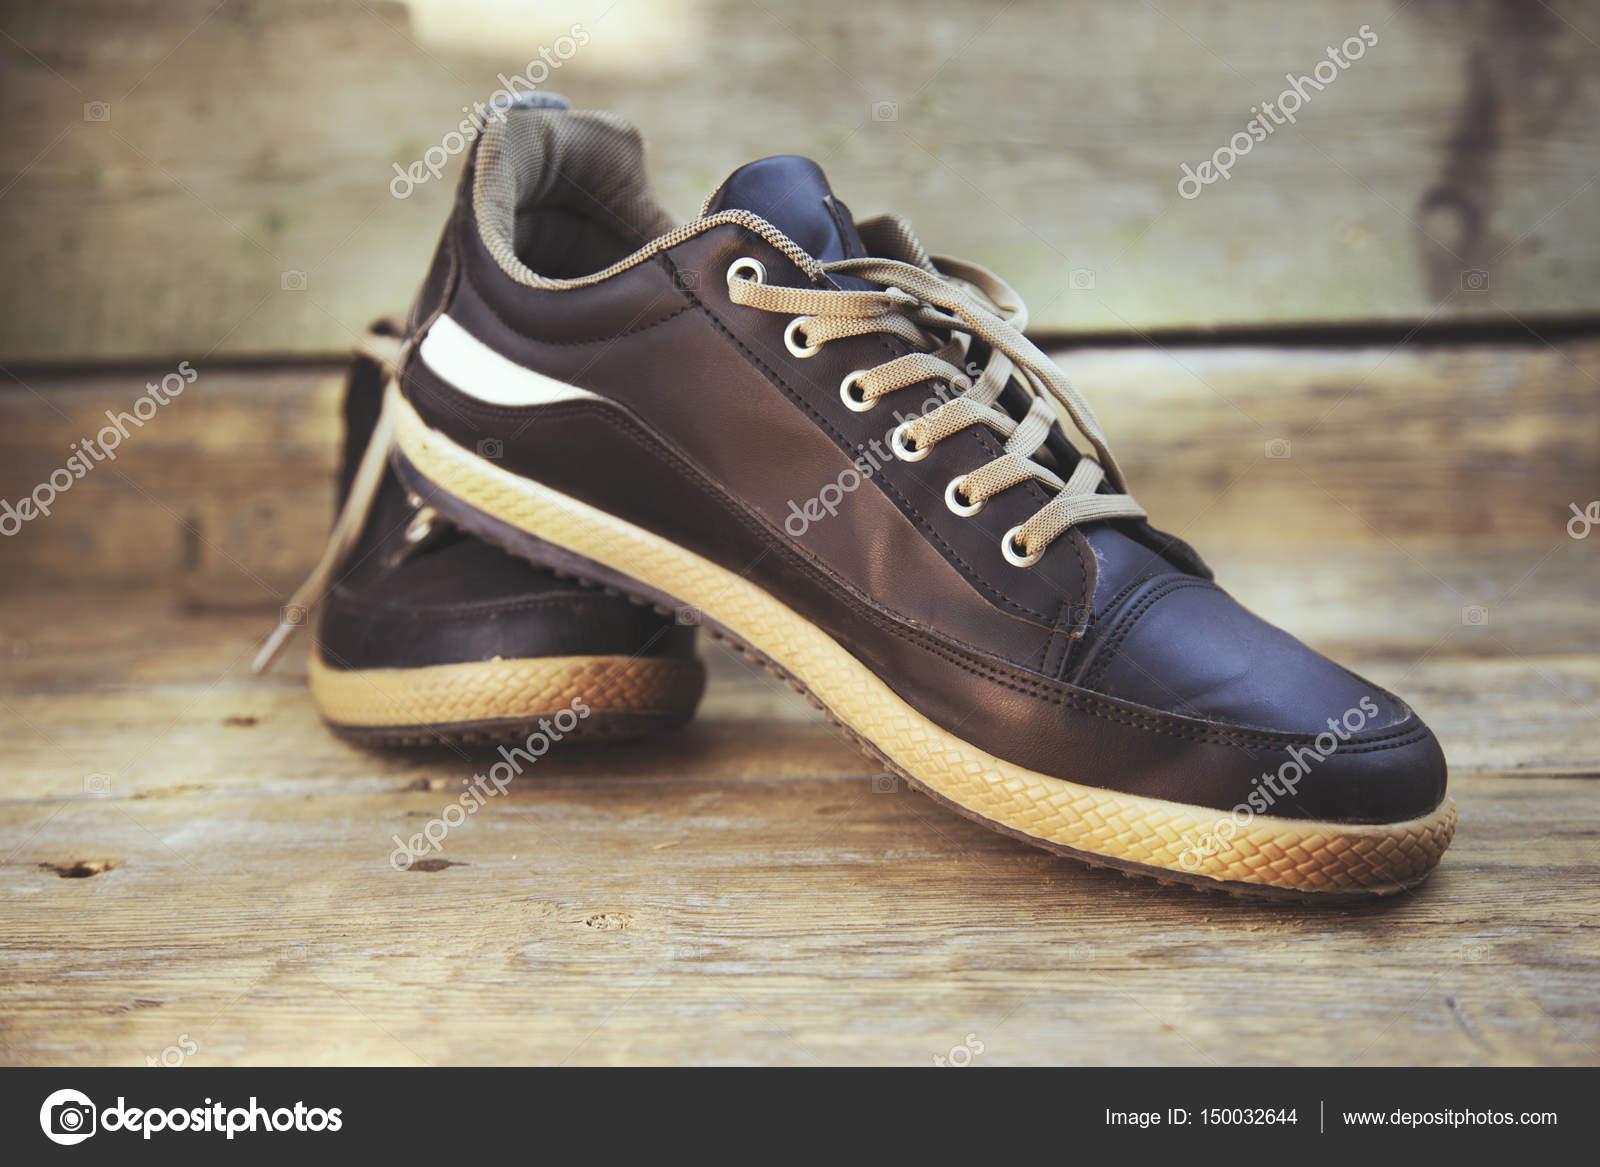 fbcead205b4 άνθρωπος αθλητικά παπούτσια — Φωτογραφία Αρχείου © Tiko0305 #150032644